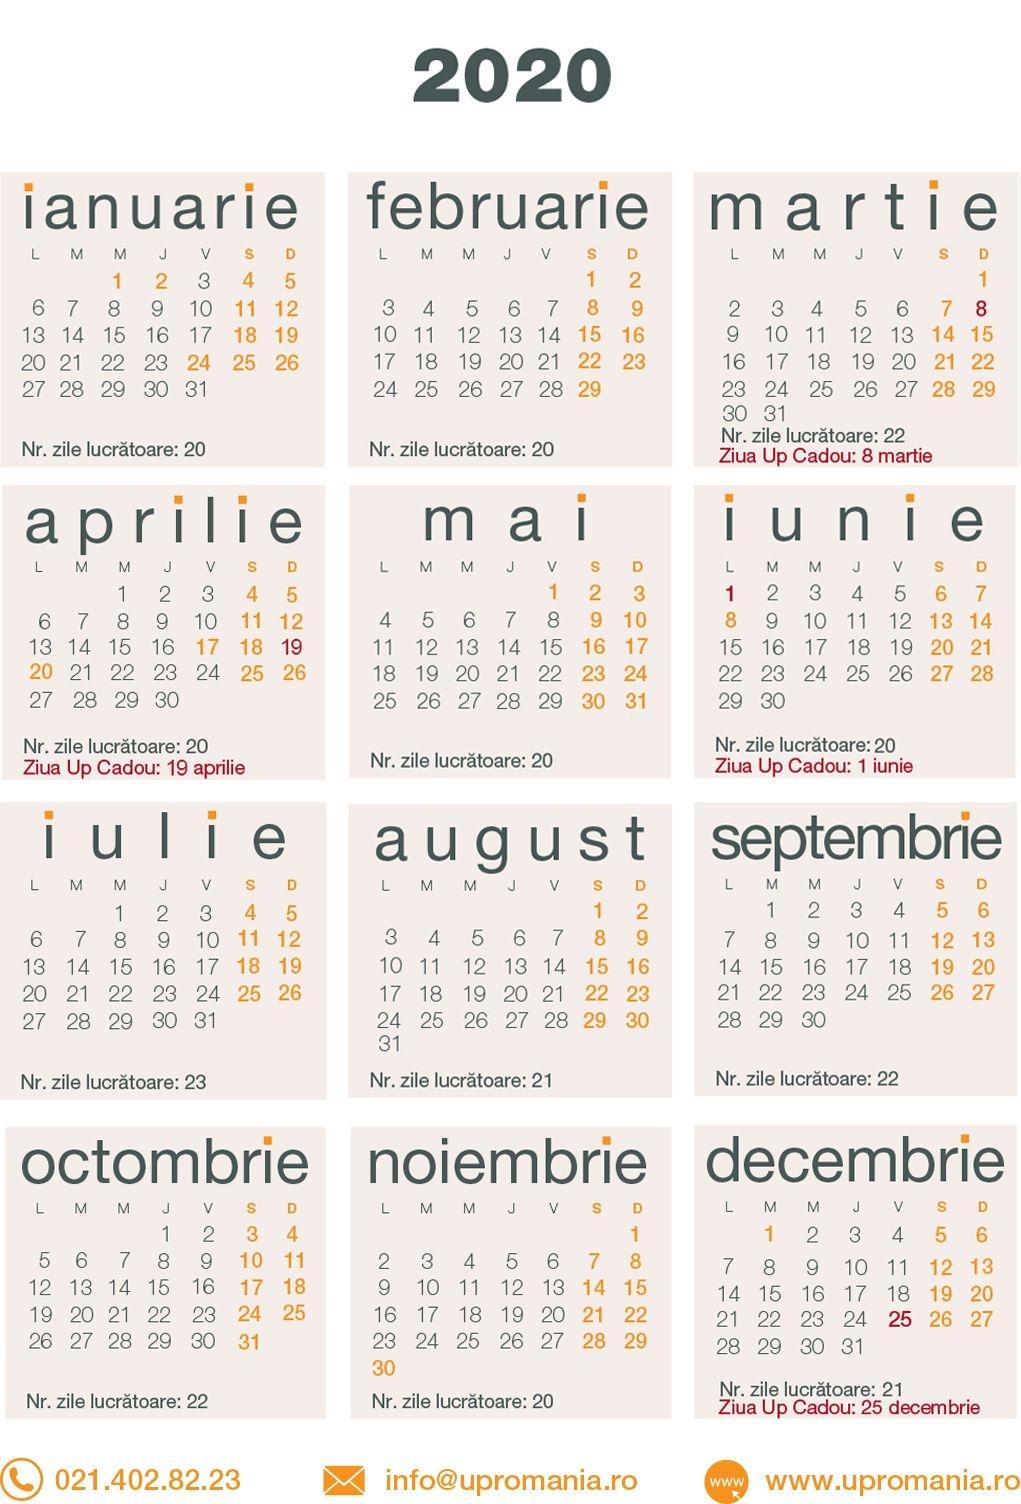 Calendar Zile Lucratoare 2021 | Up Romania